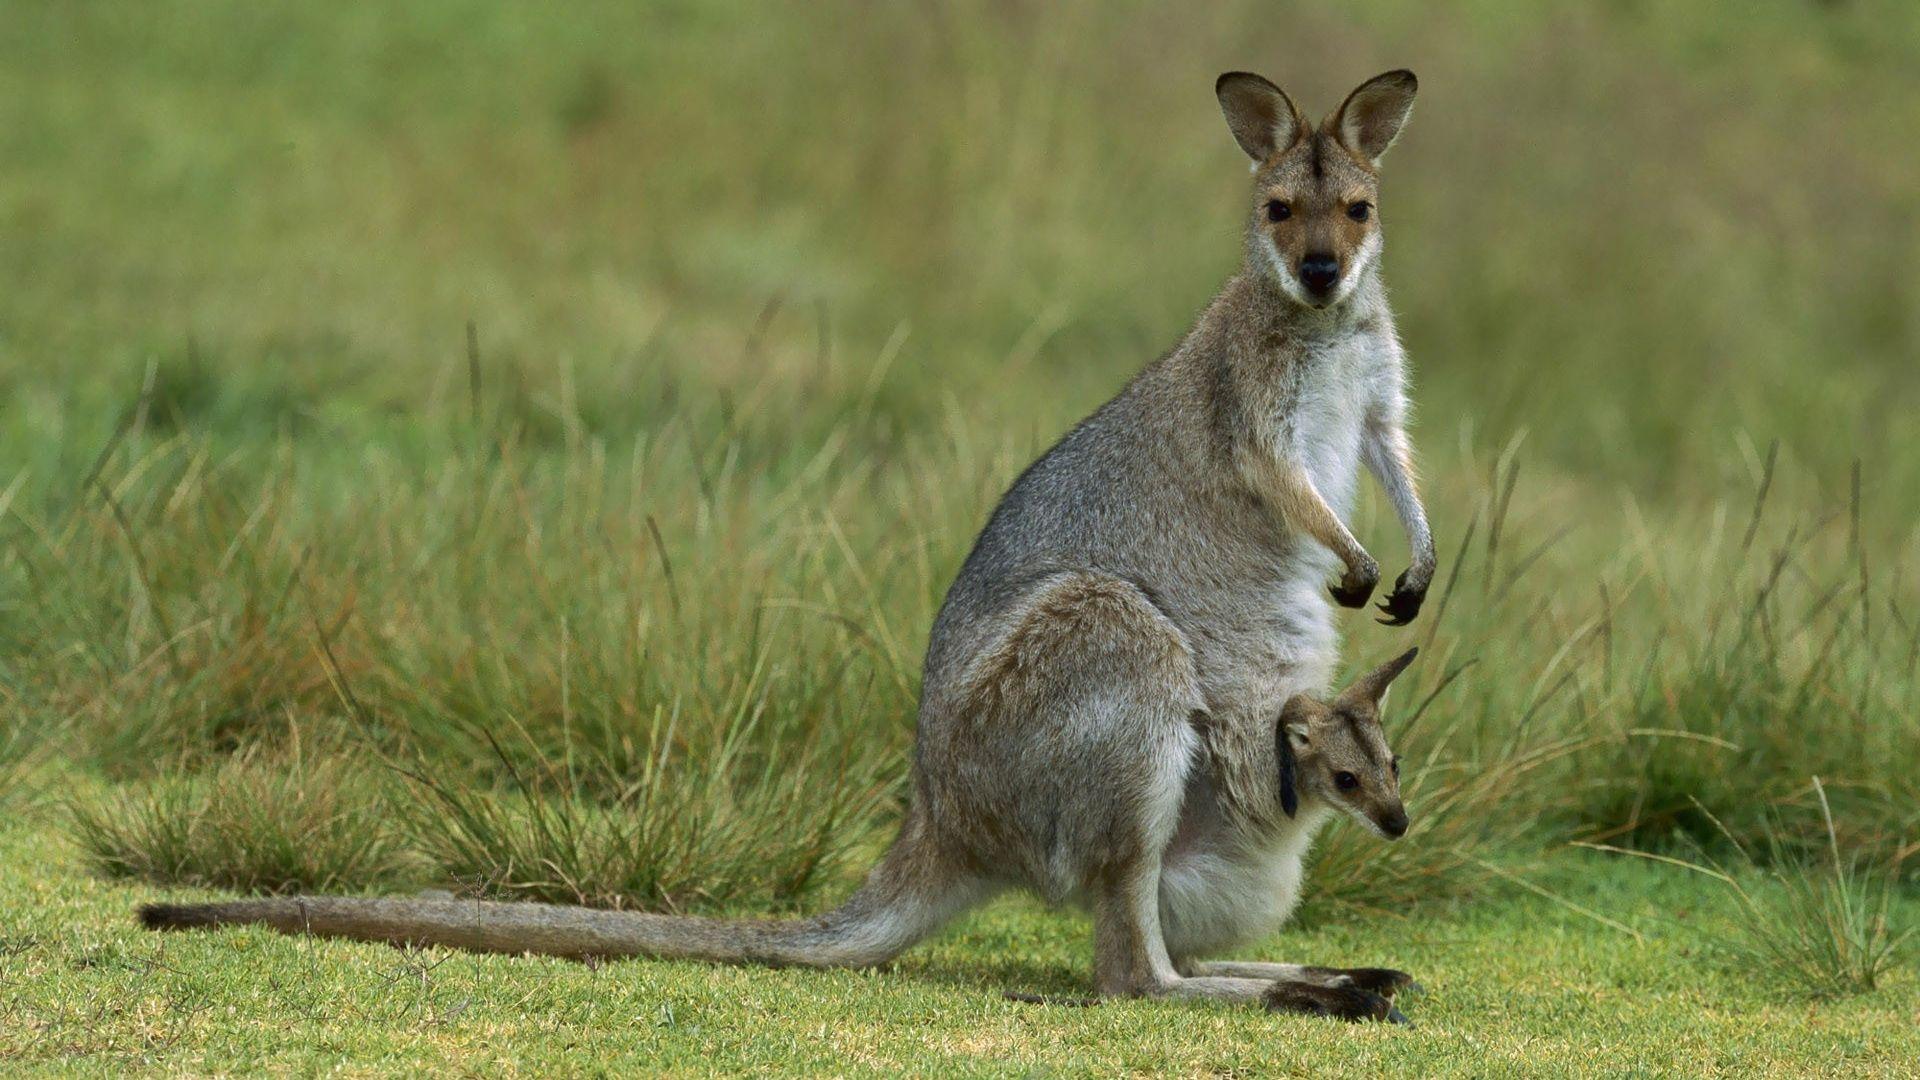 Kangaroo Animals